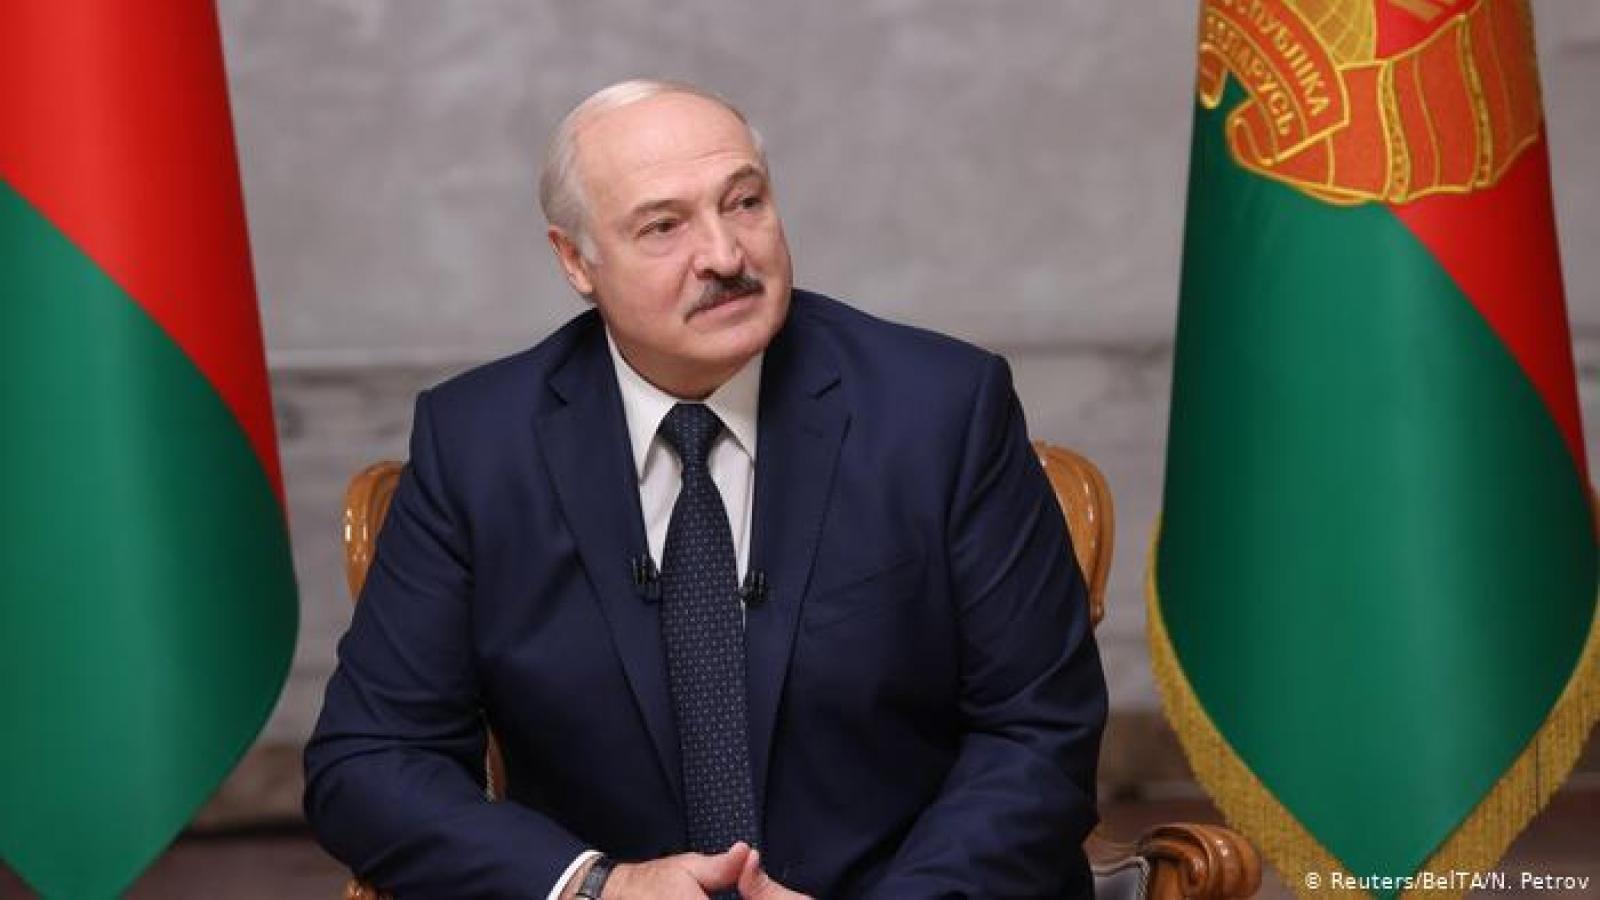 Khủng hoảng Belarus: Tổng thống không từ chức, phe đối lập kêu gọi tổng bãi công